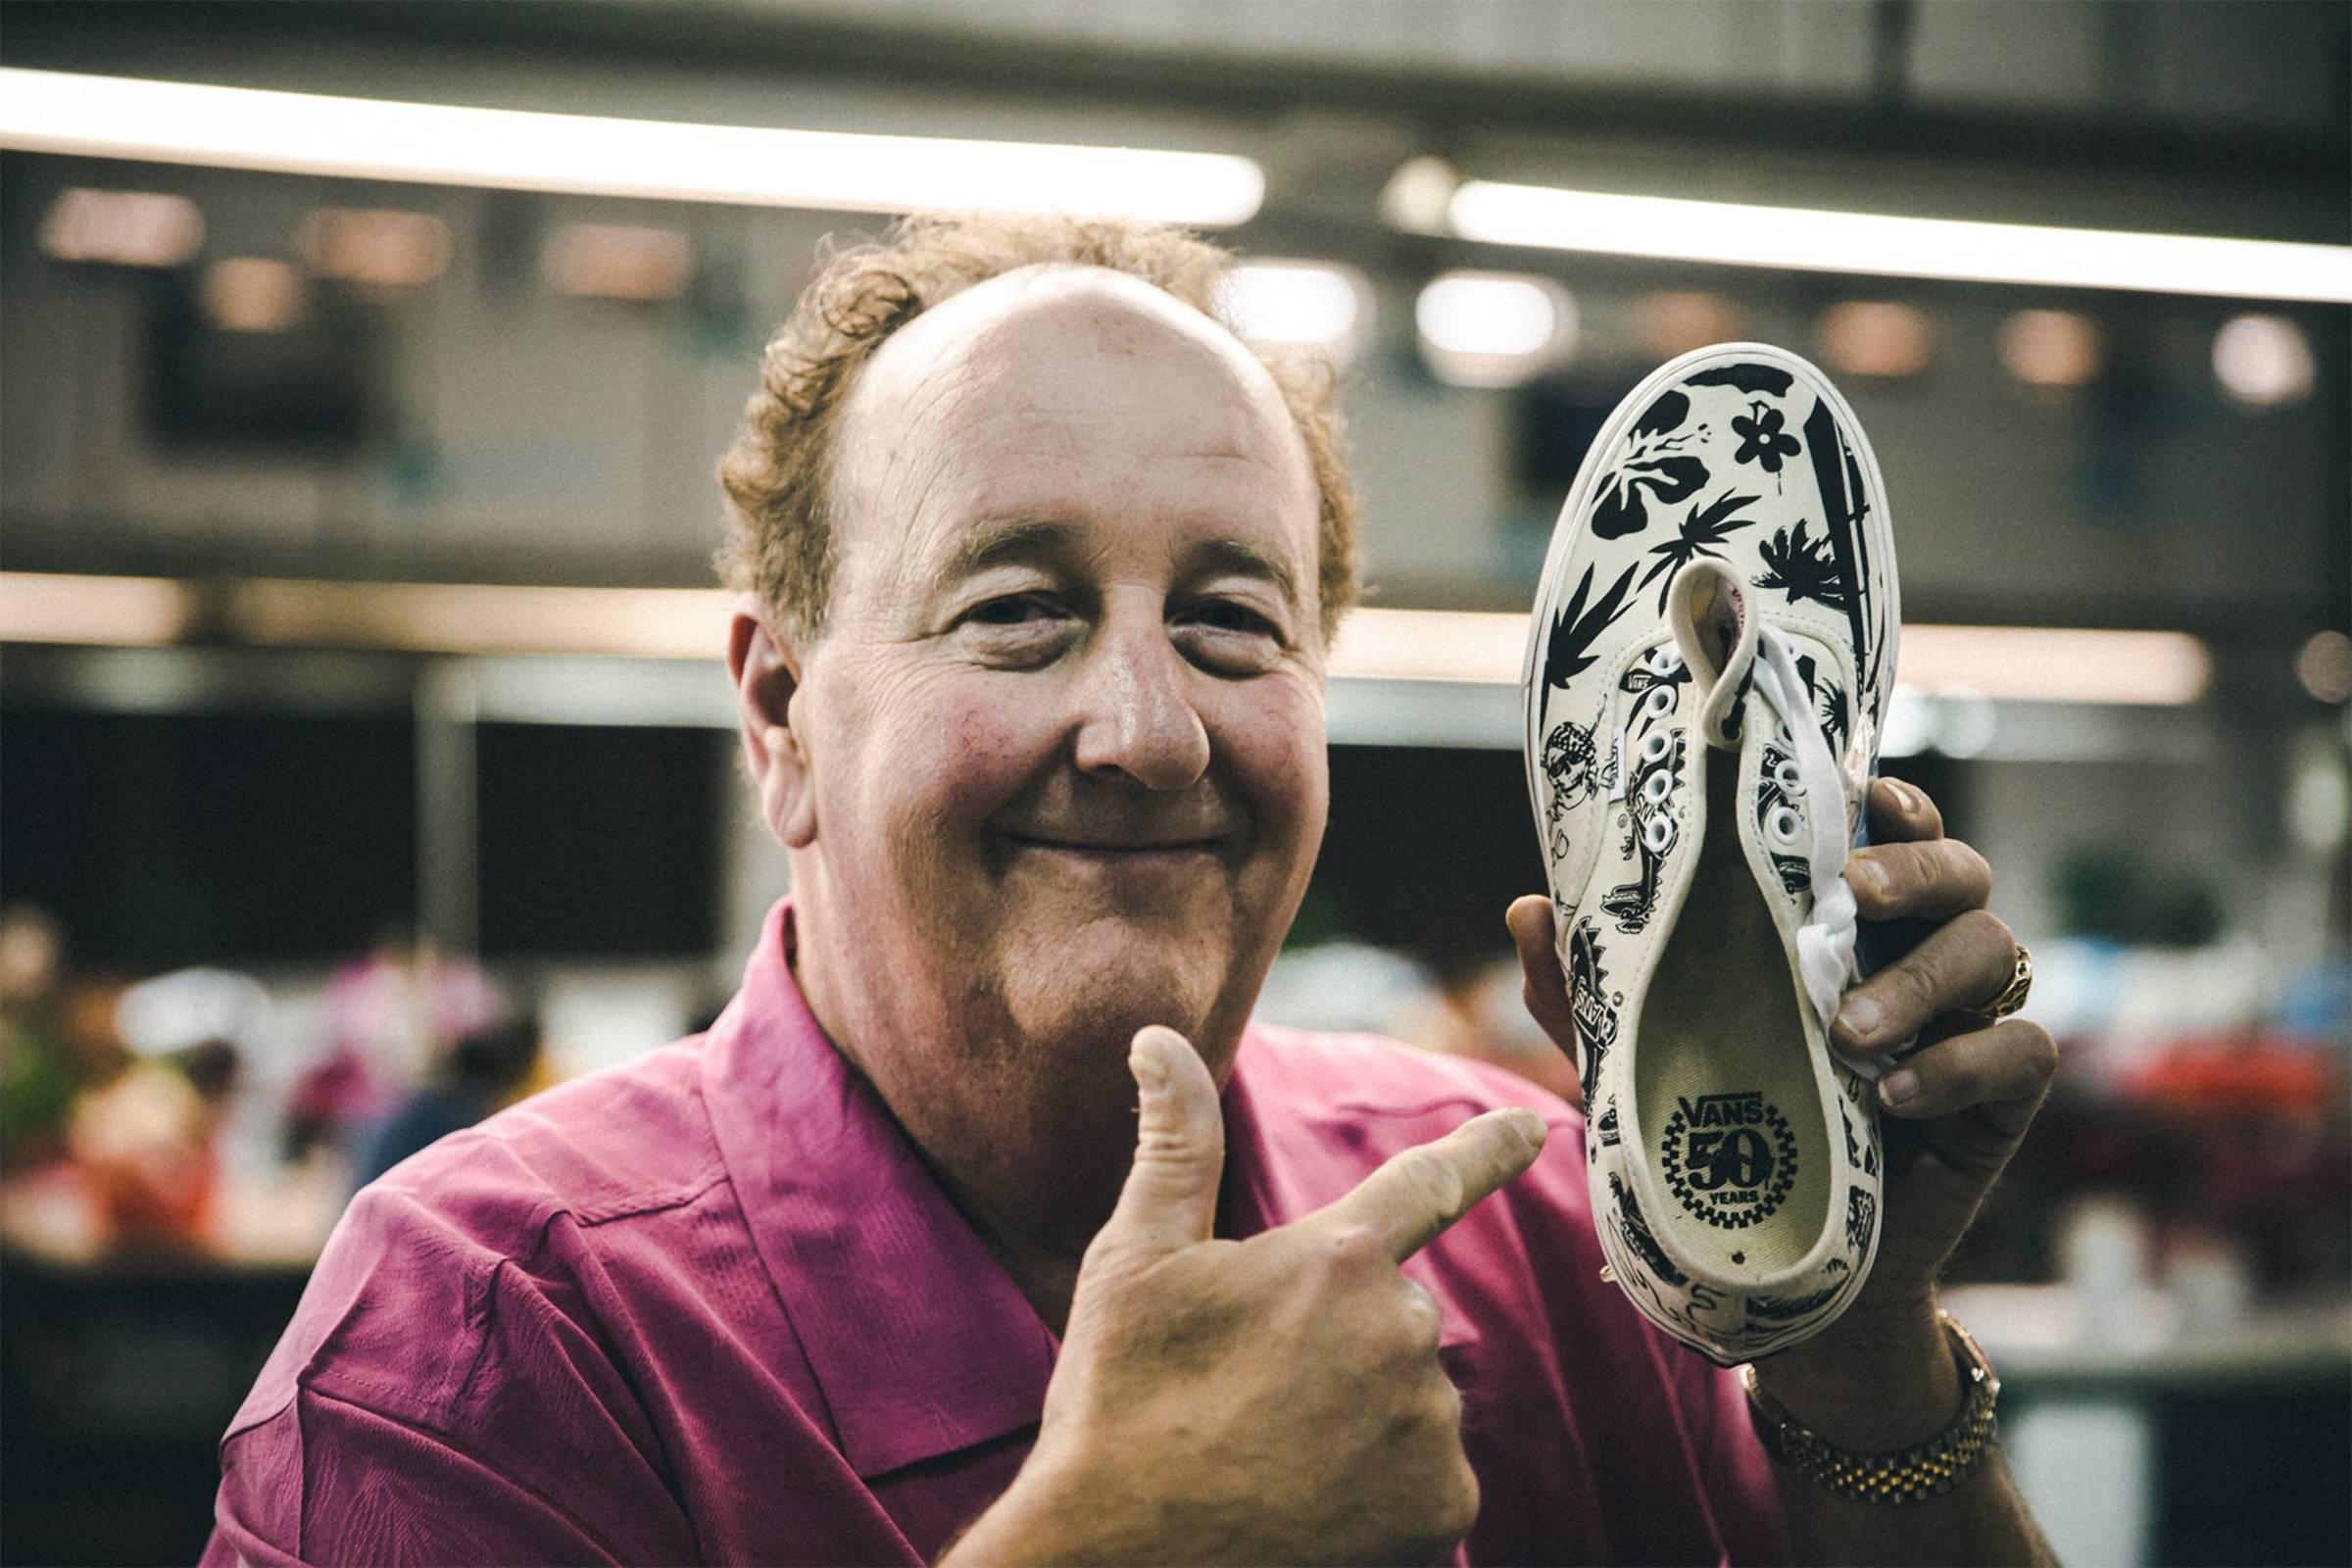 Steve Van Doren celebrates 50 years of Vans